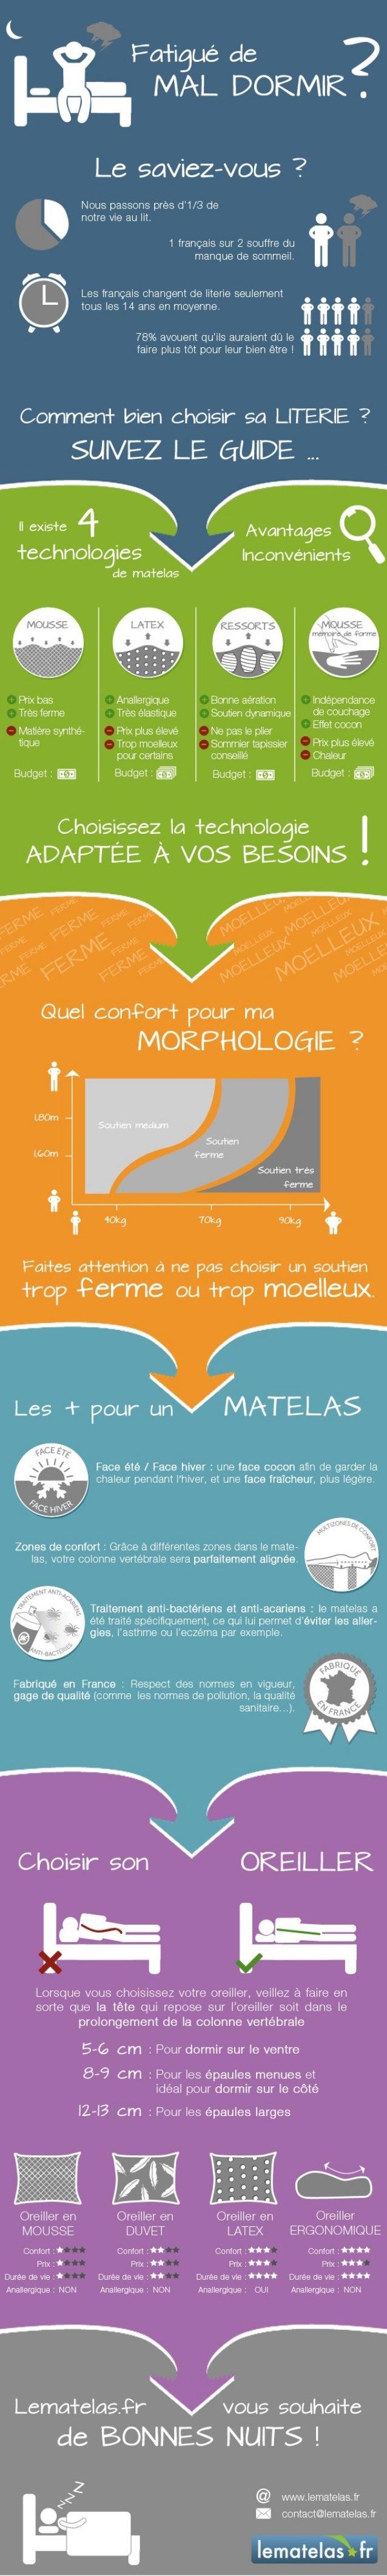 Comment bien choisir sa literie avec Lematelas.fr